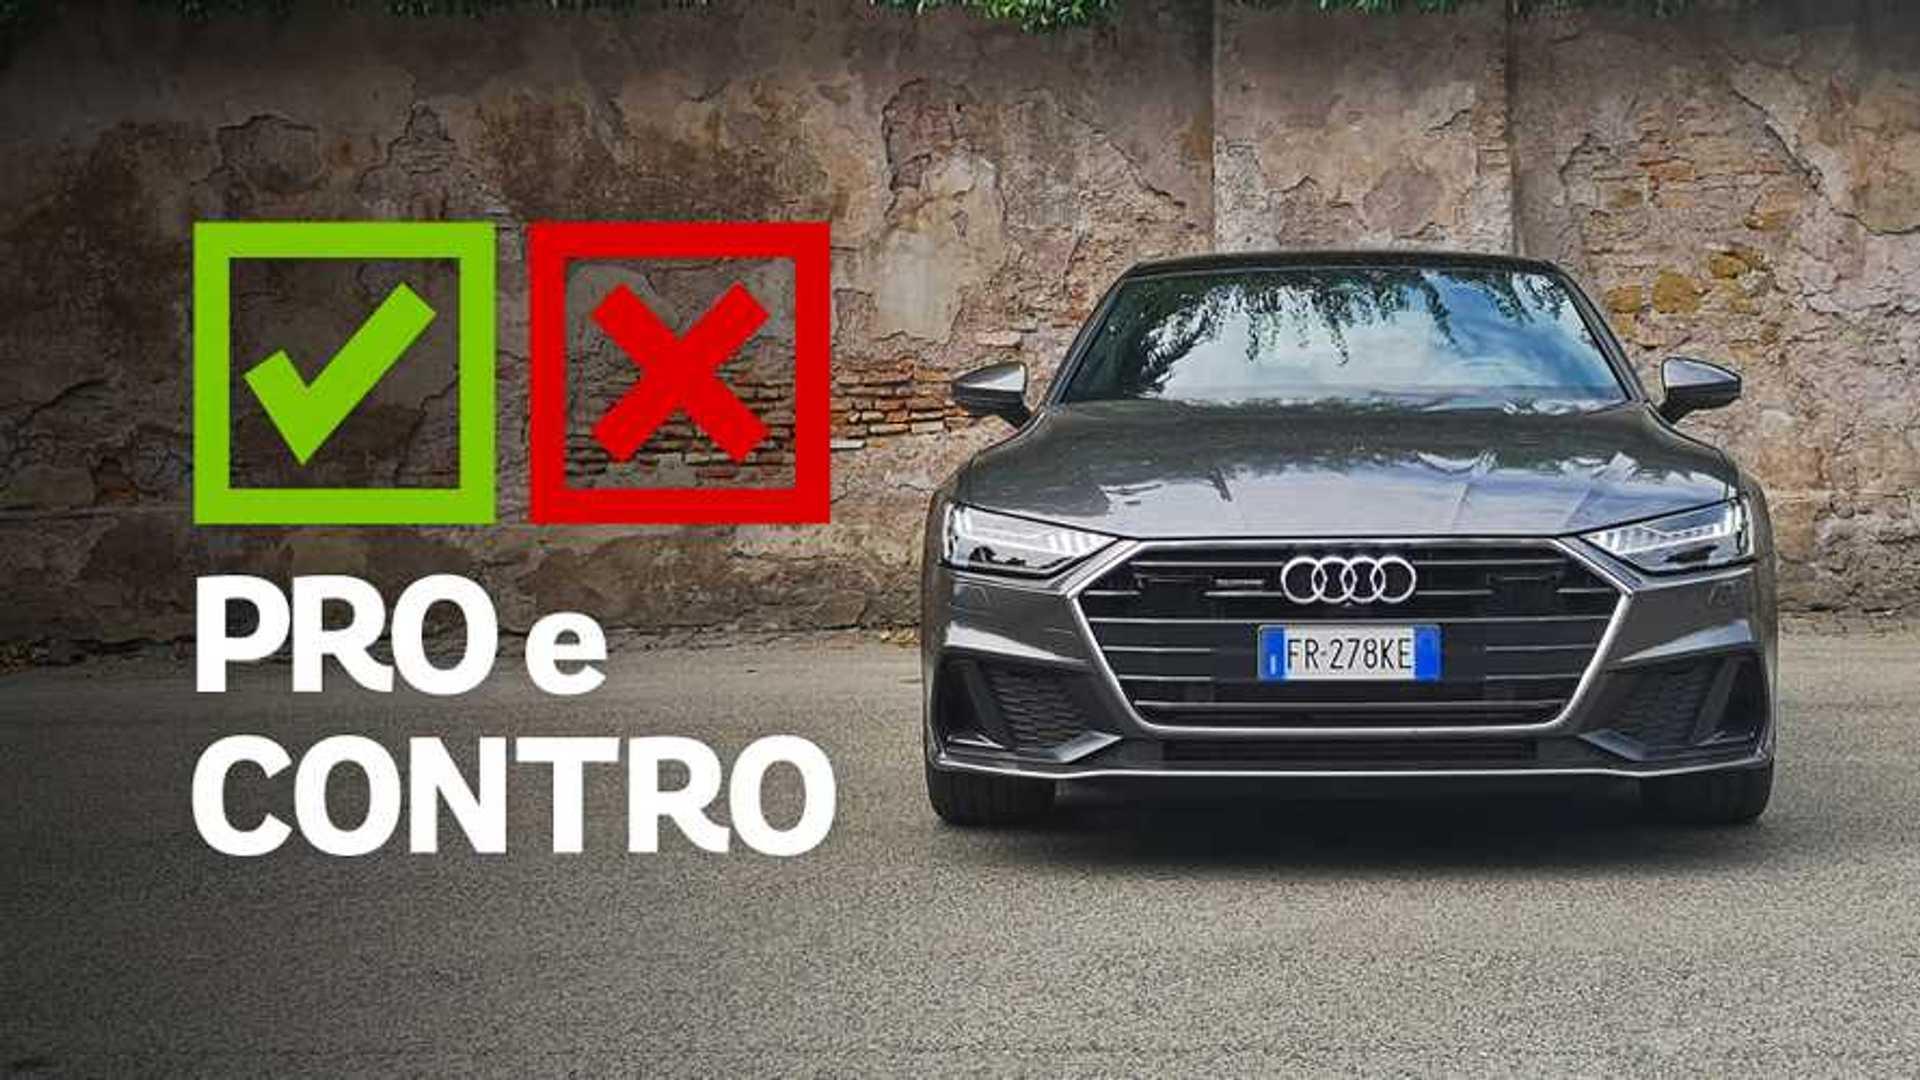 Audi A7 Sportback 50 TDI 3.0 quattro Business plus, pro e contro